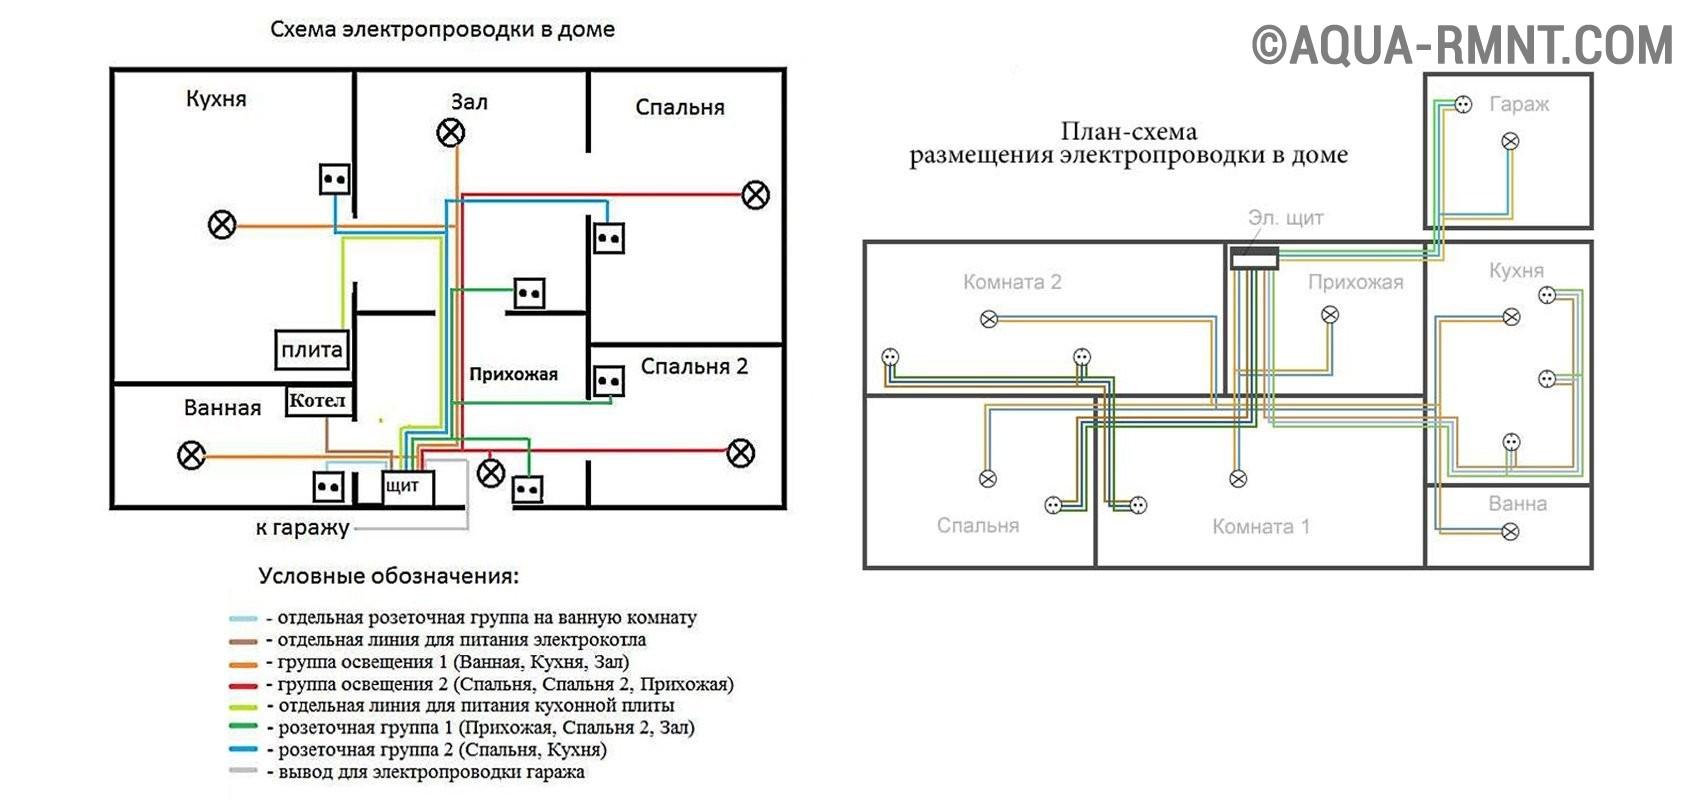 водонагреватель бытовой схема токопроводящий корпус